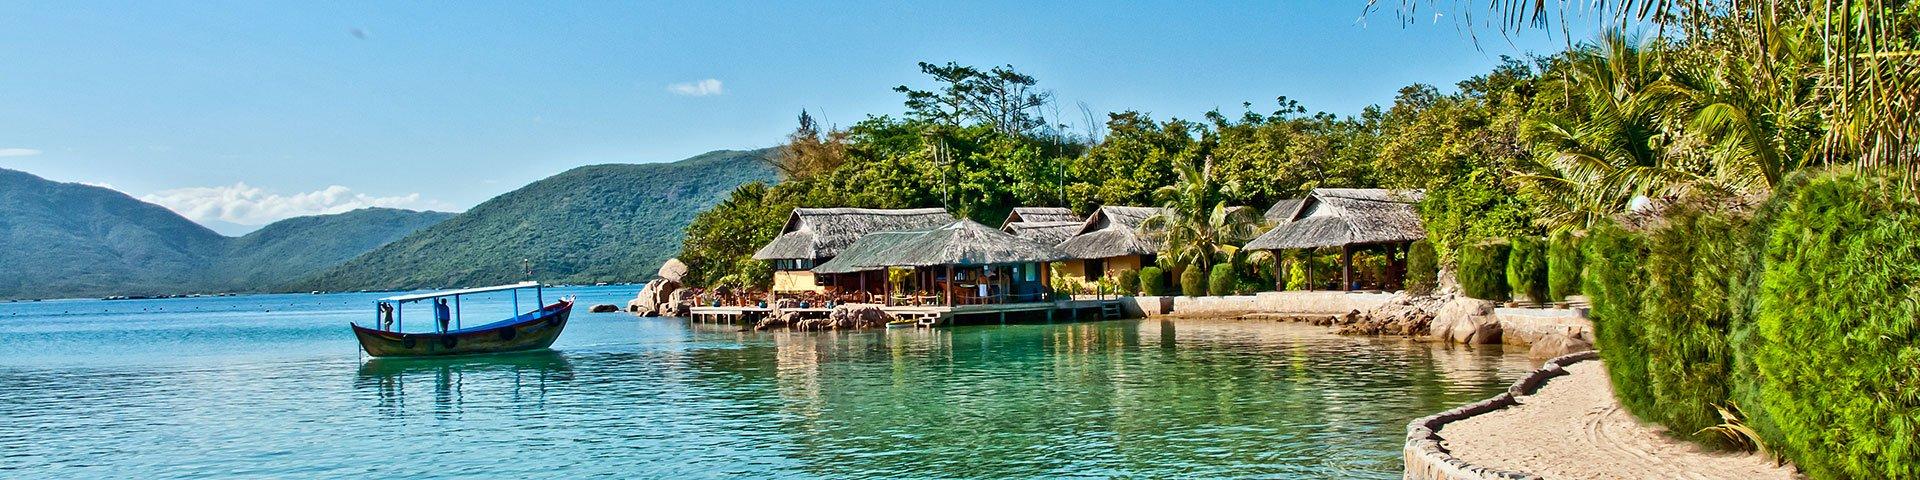 Ile de la Baleine Vietnam